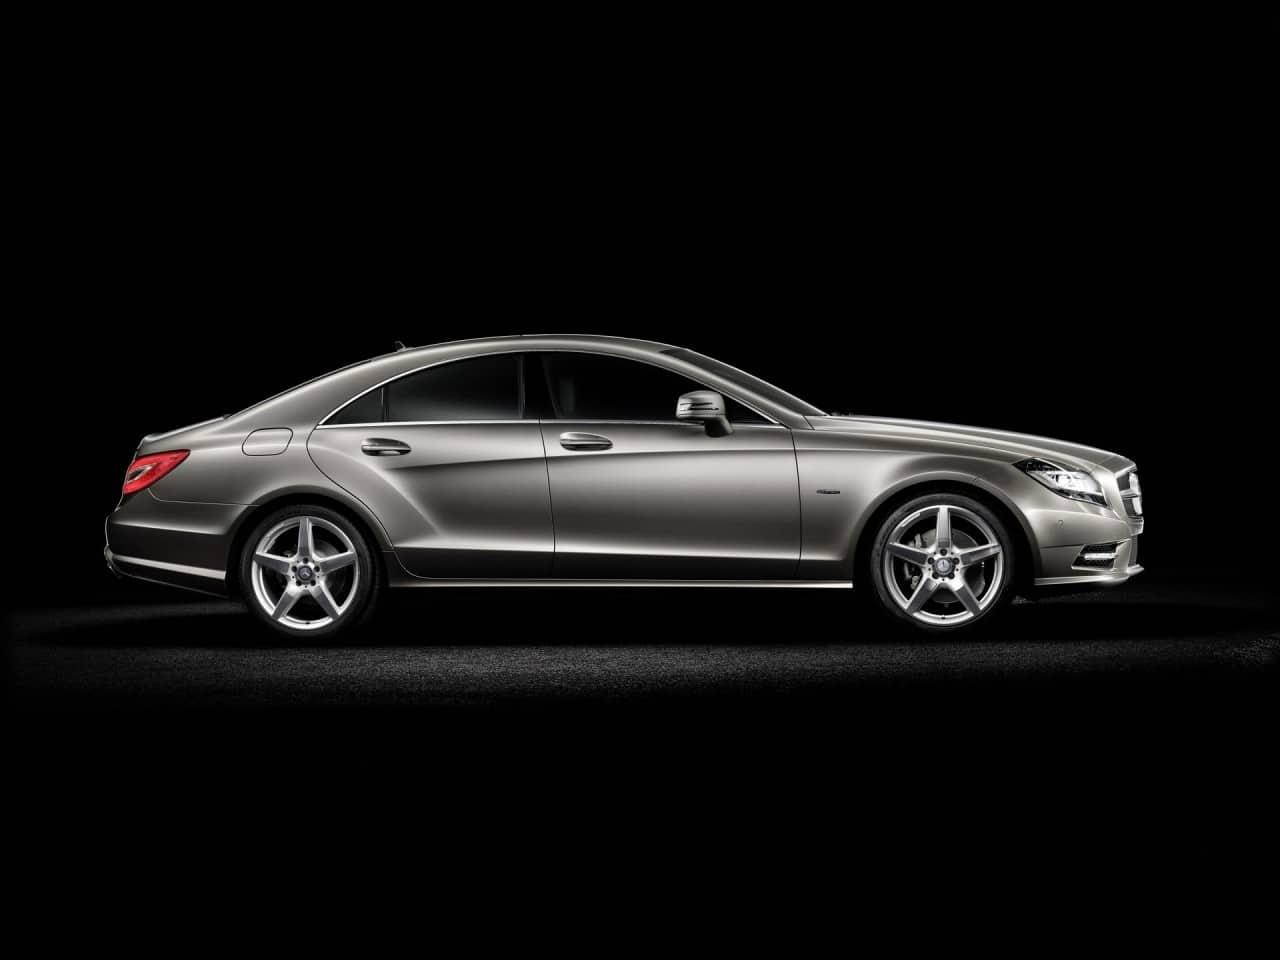 Der neue Mercedes-Benz CLS